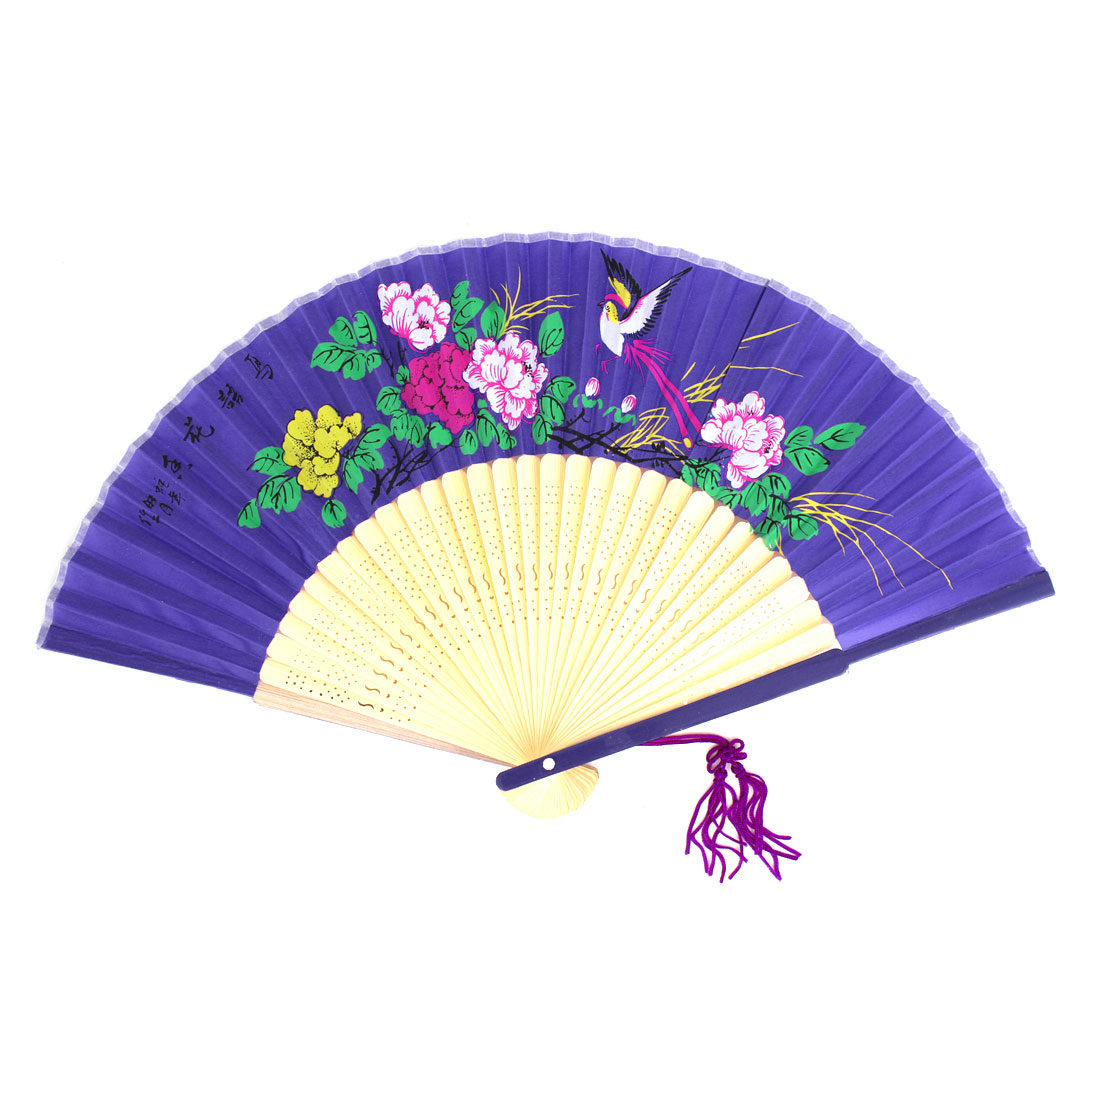 Flowers Pattern Tassels Decor Bamboo Ribs Folding Hand Fan Purple Beige